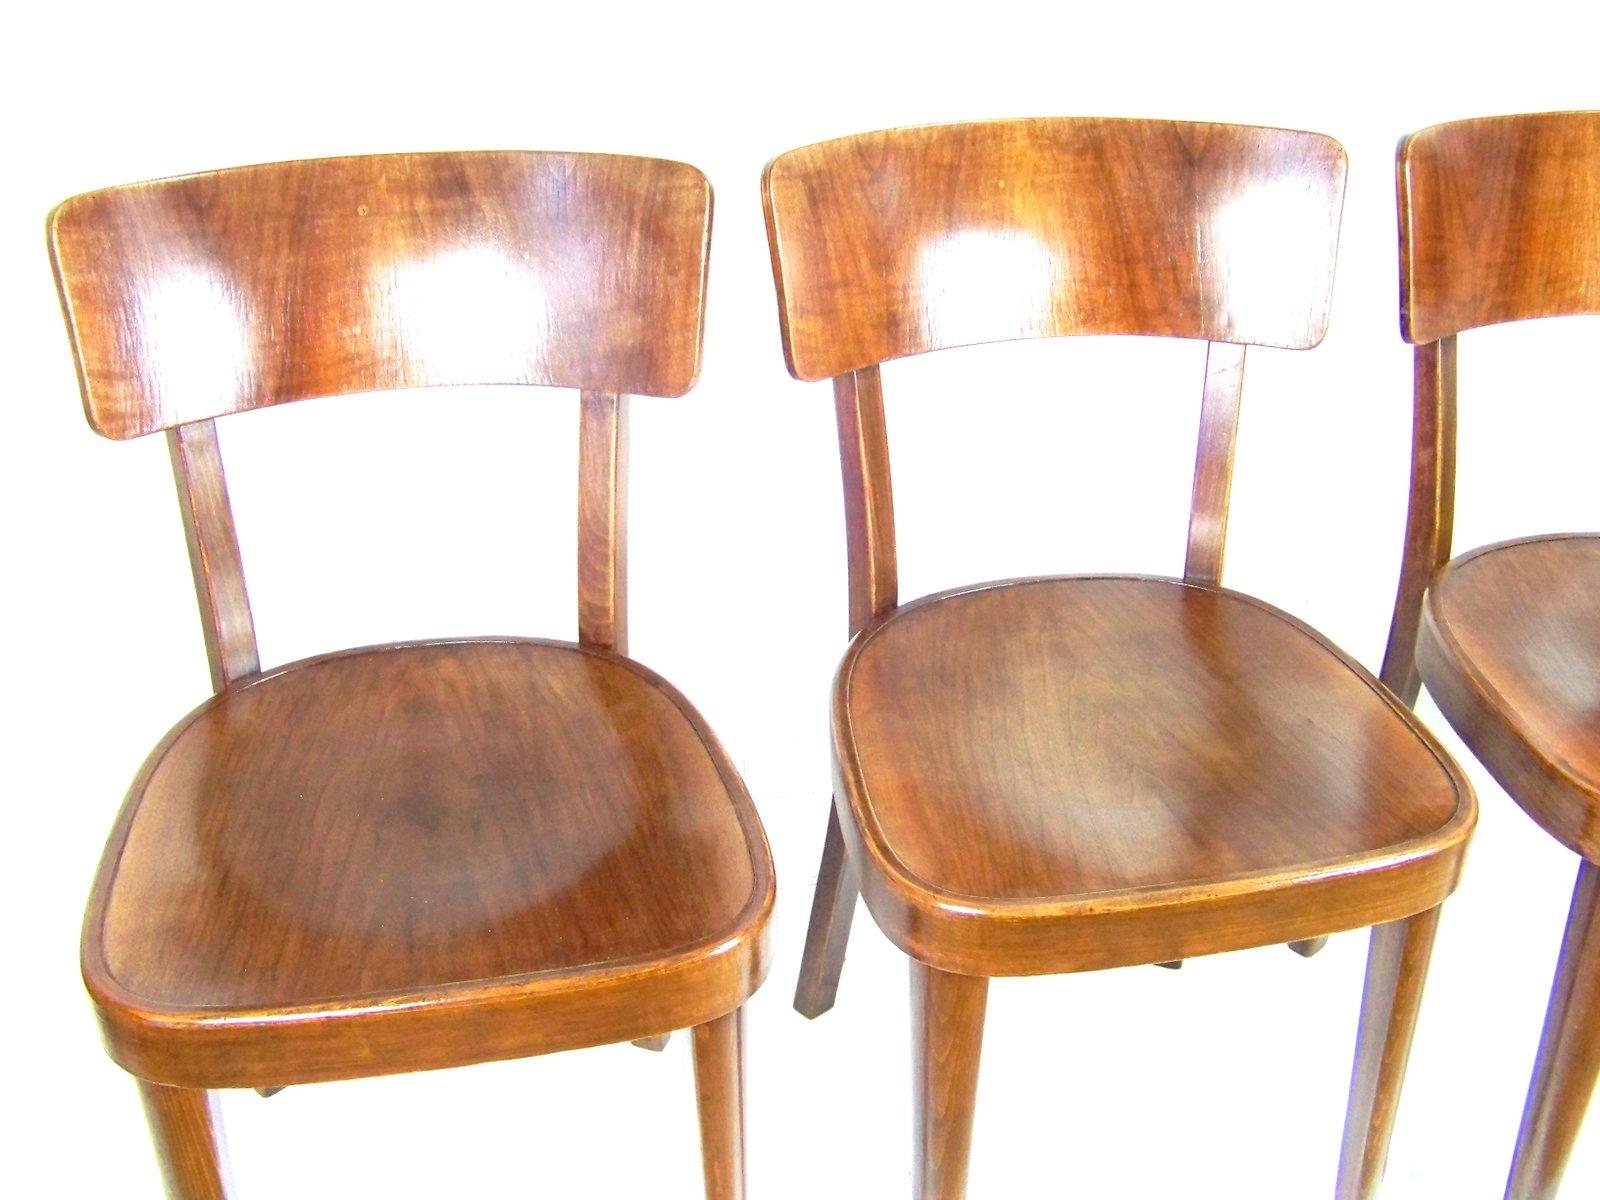 a524 stuhl von thonet 1927 bei pamono kaufen. Black Bedroom Furniture Sets. Home Design Ideas